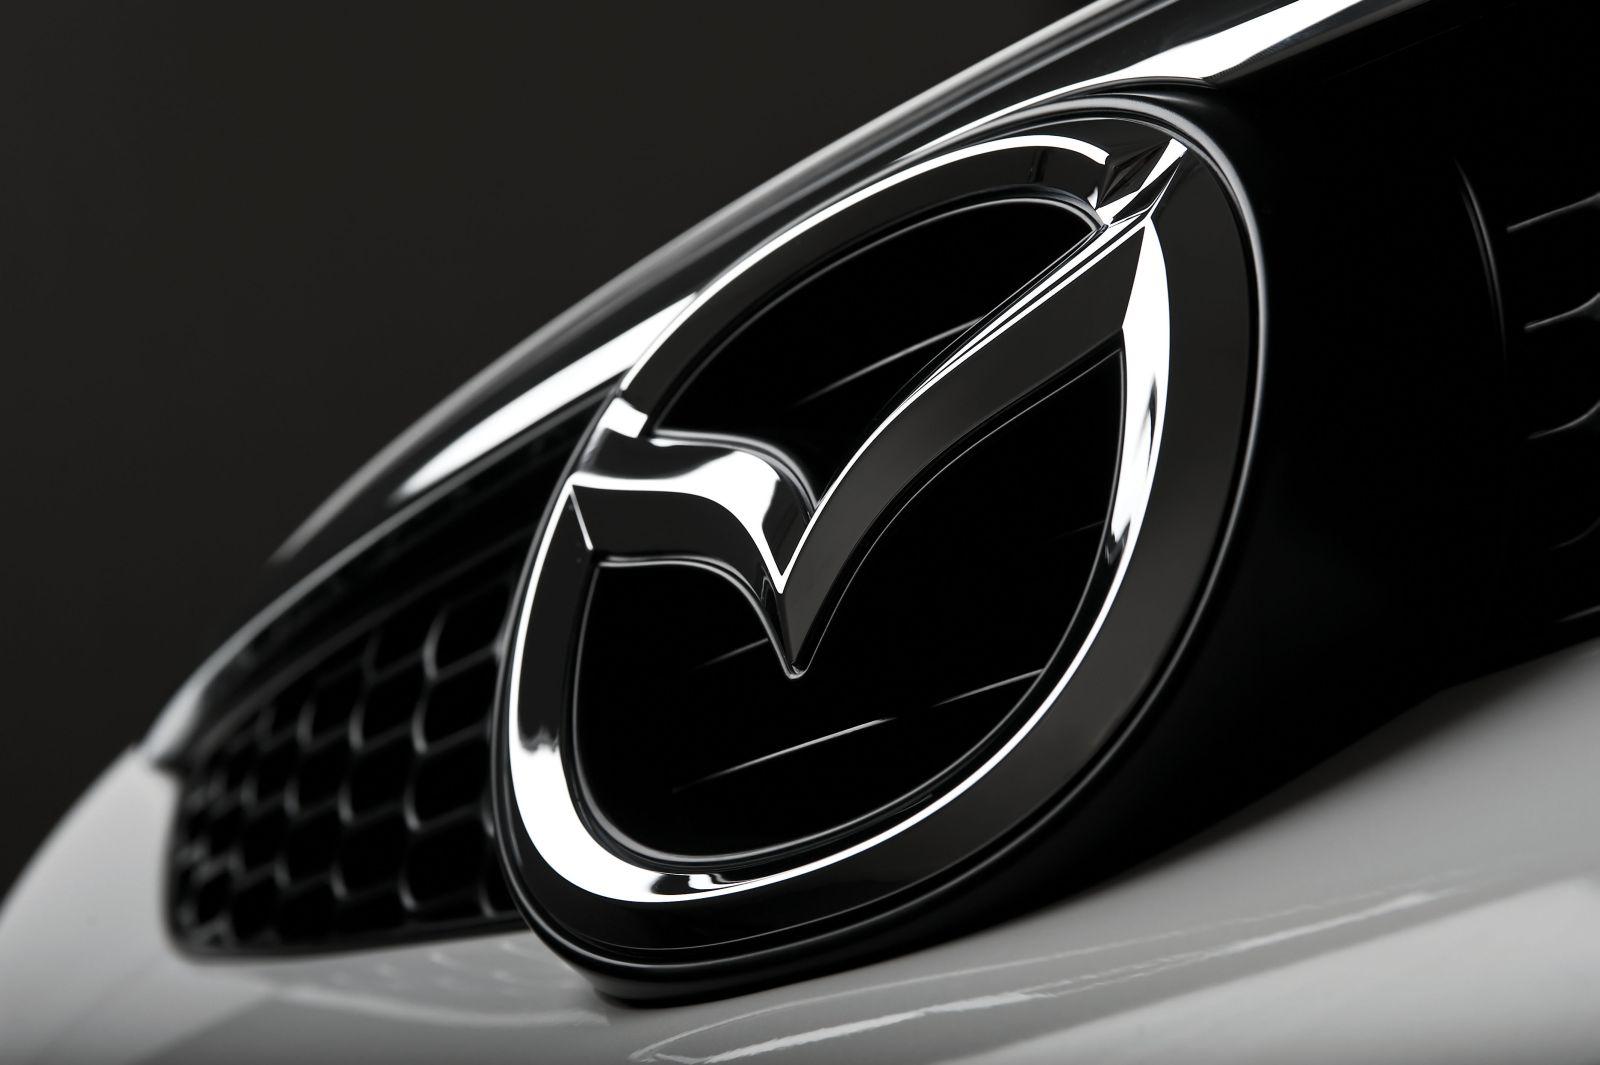 Mazda Emblem Wallpaper